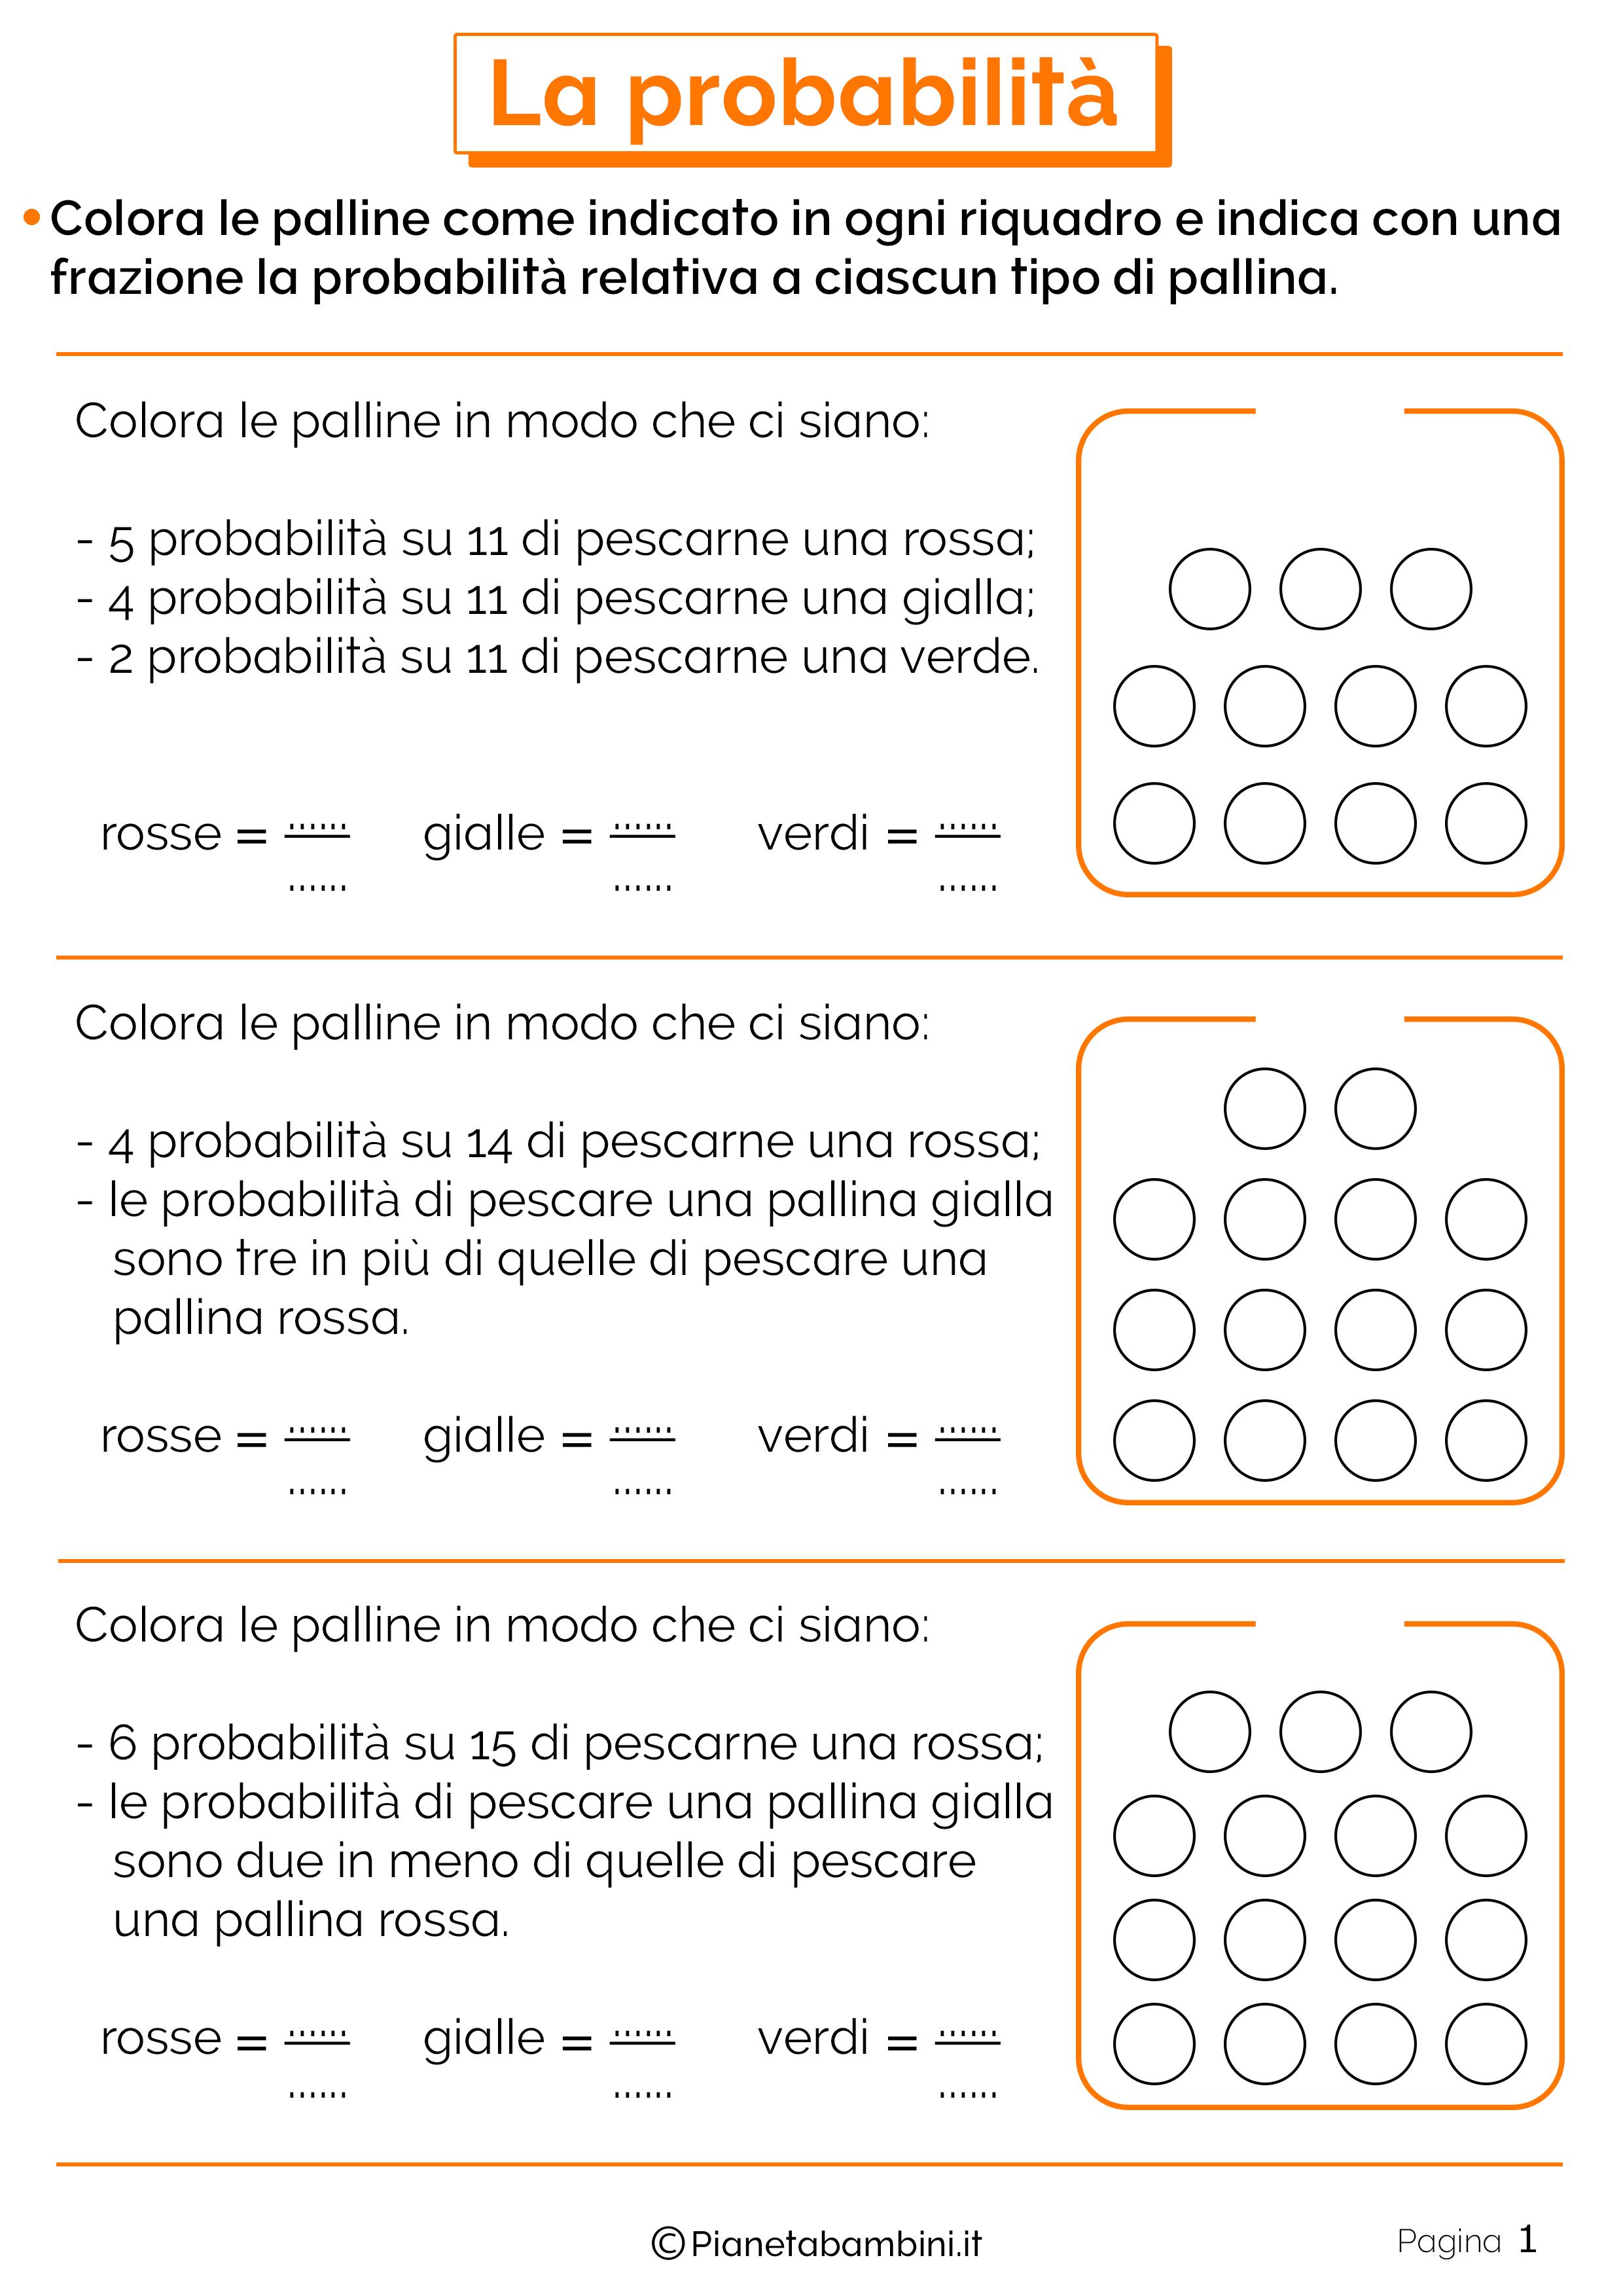 Schede didattiche sulla Probabilita 1